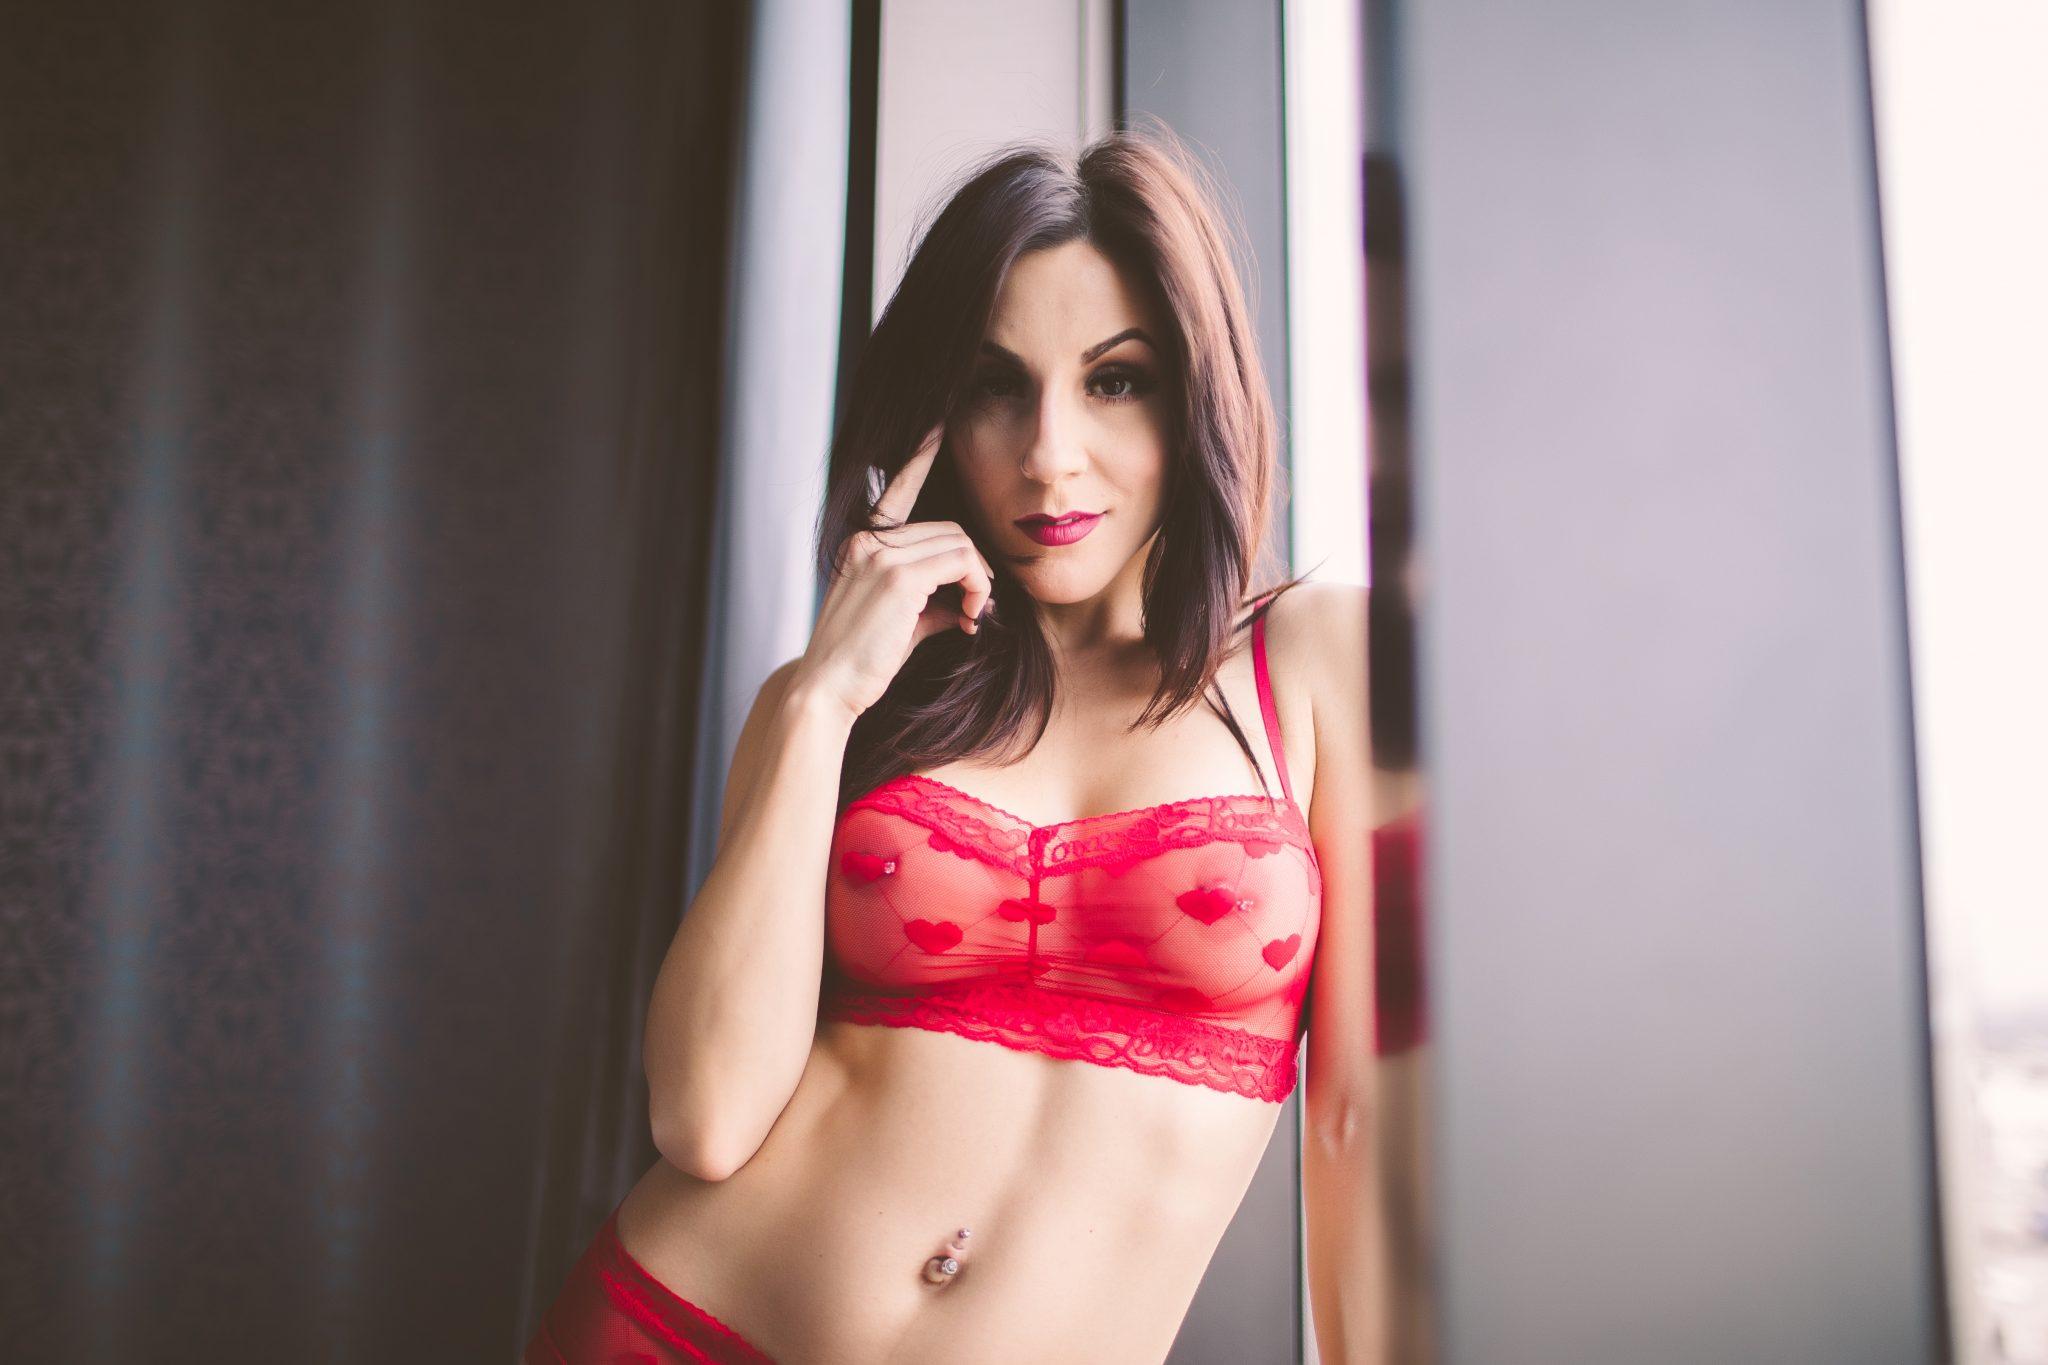 Model wearing pretty red lingerie